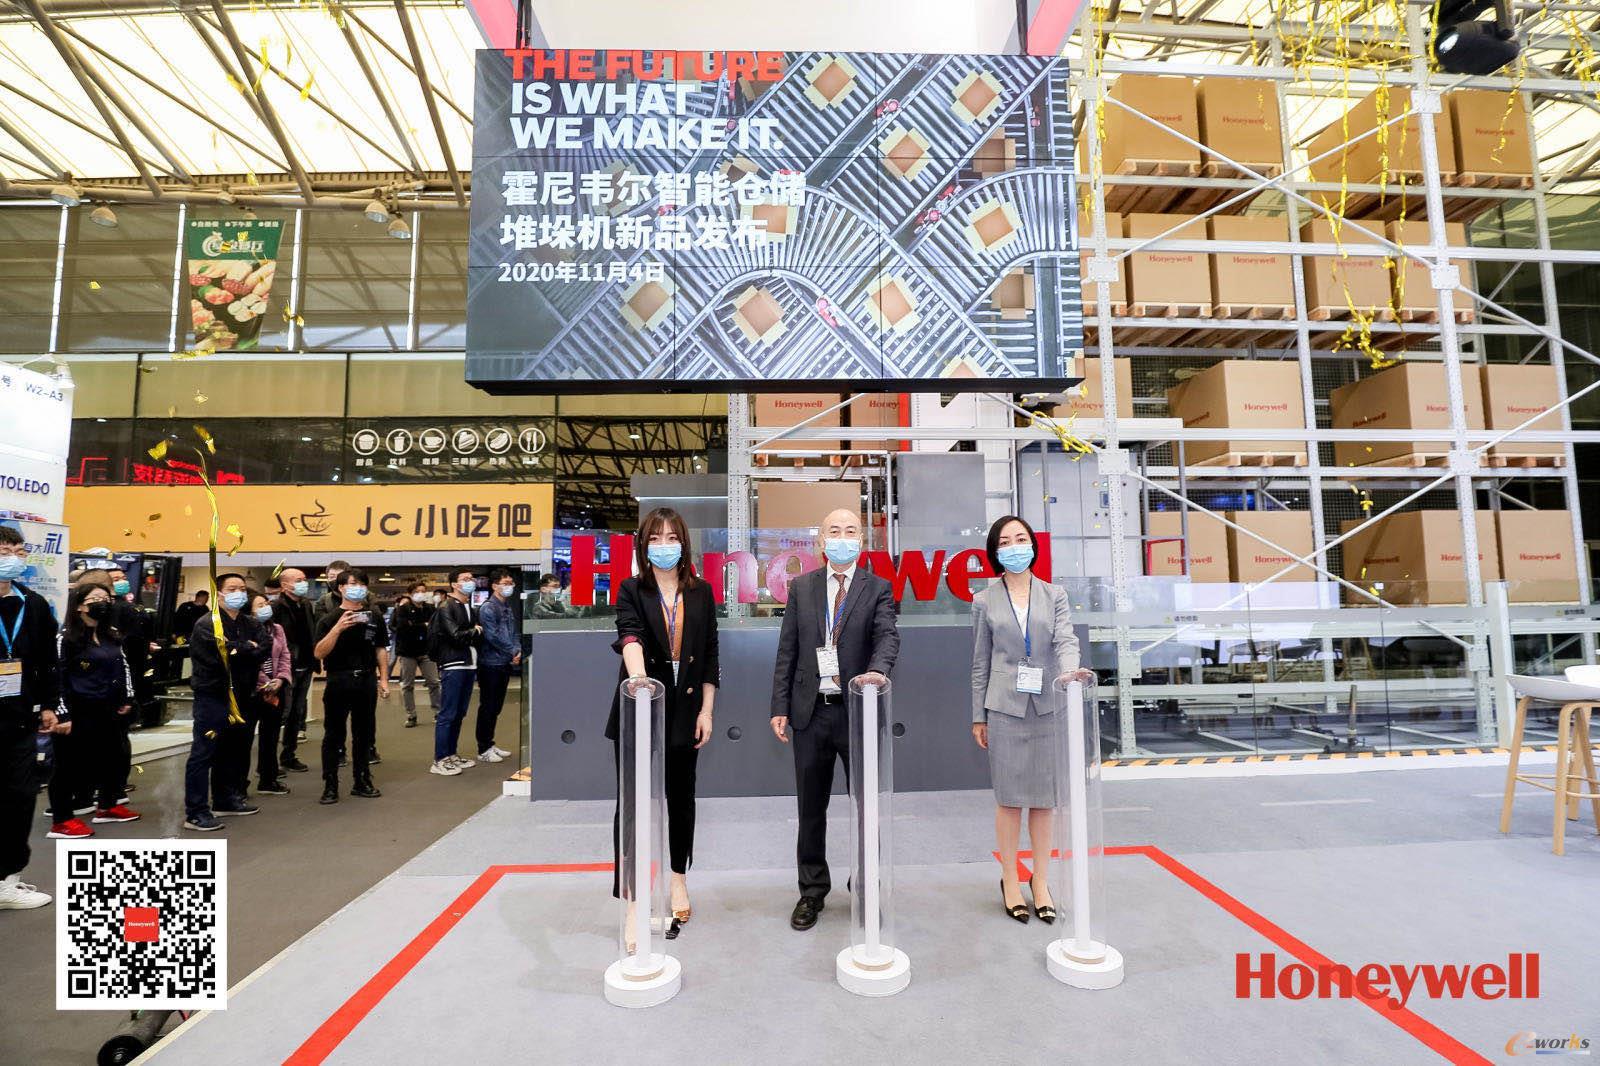 霍尼韦尔安全与生产力解决方案集团中国总裁柴小舟先生